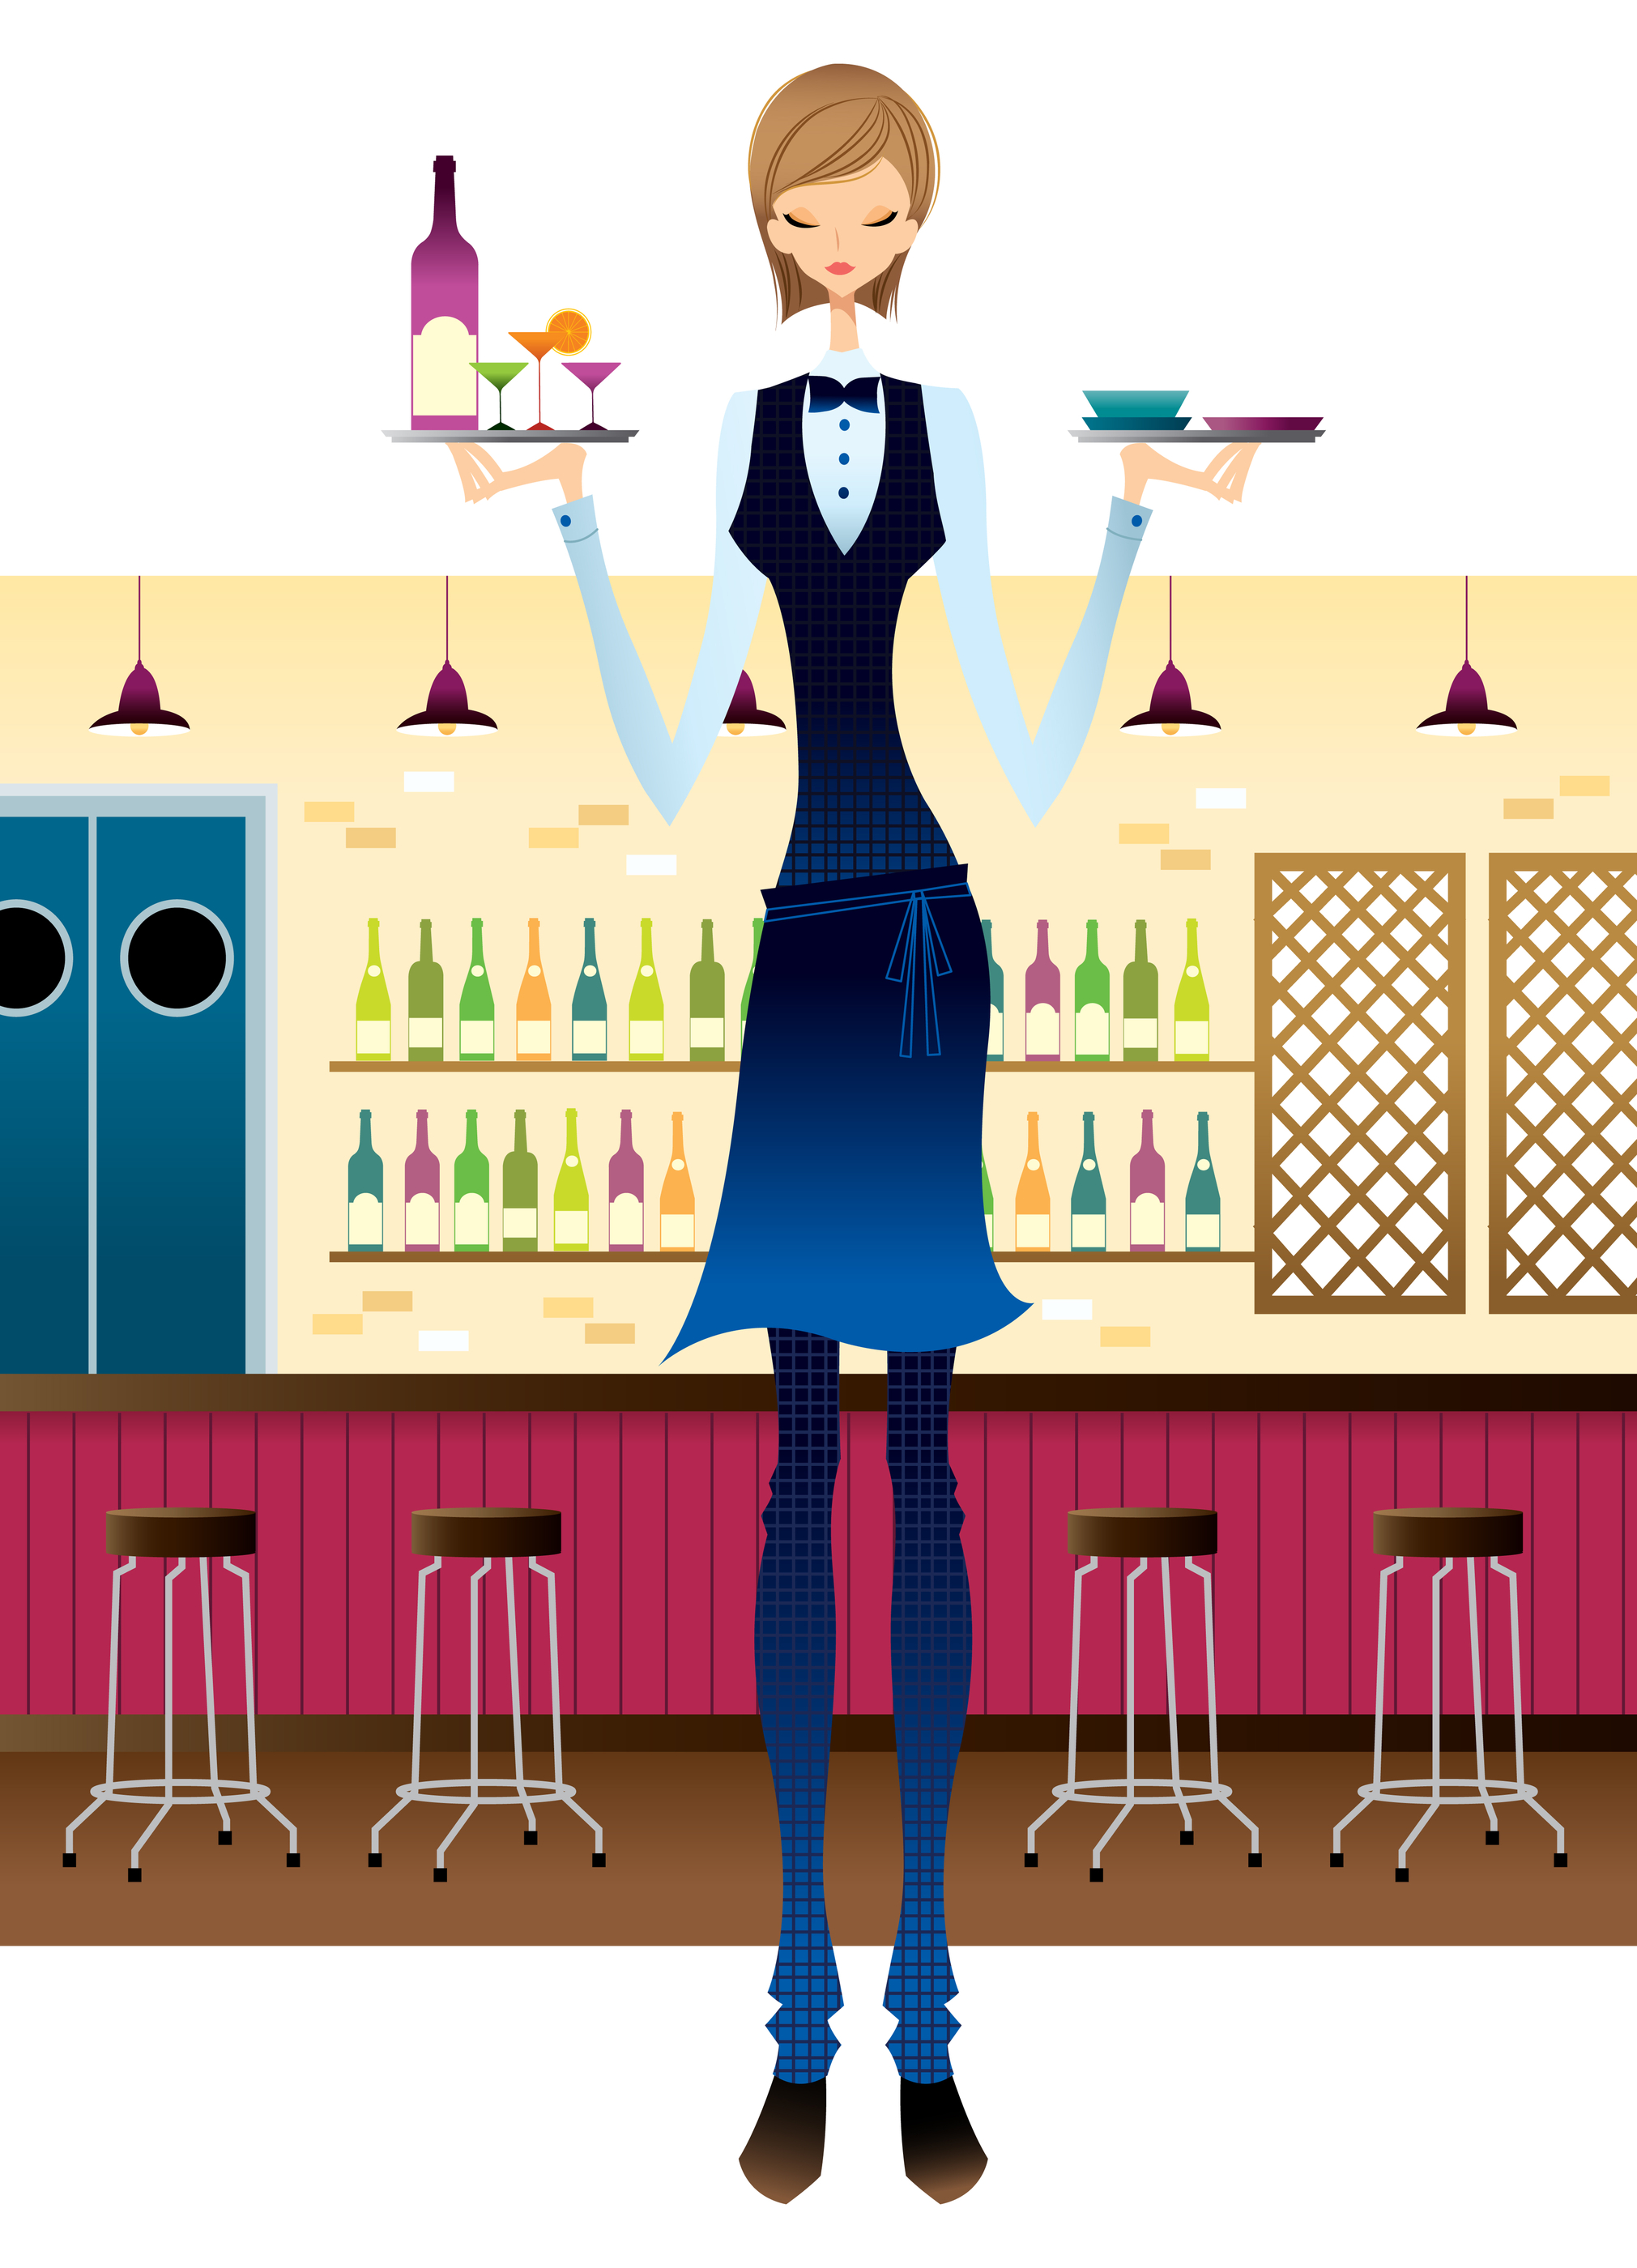 飲食店を運営する上で多くの経営者が抱える三つの問題